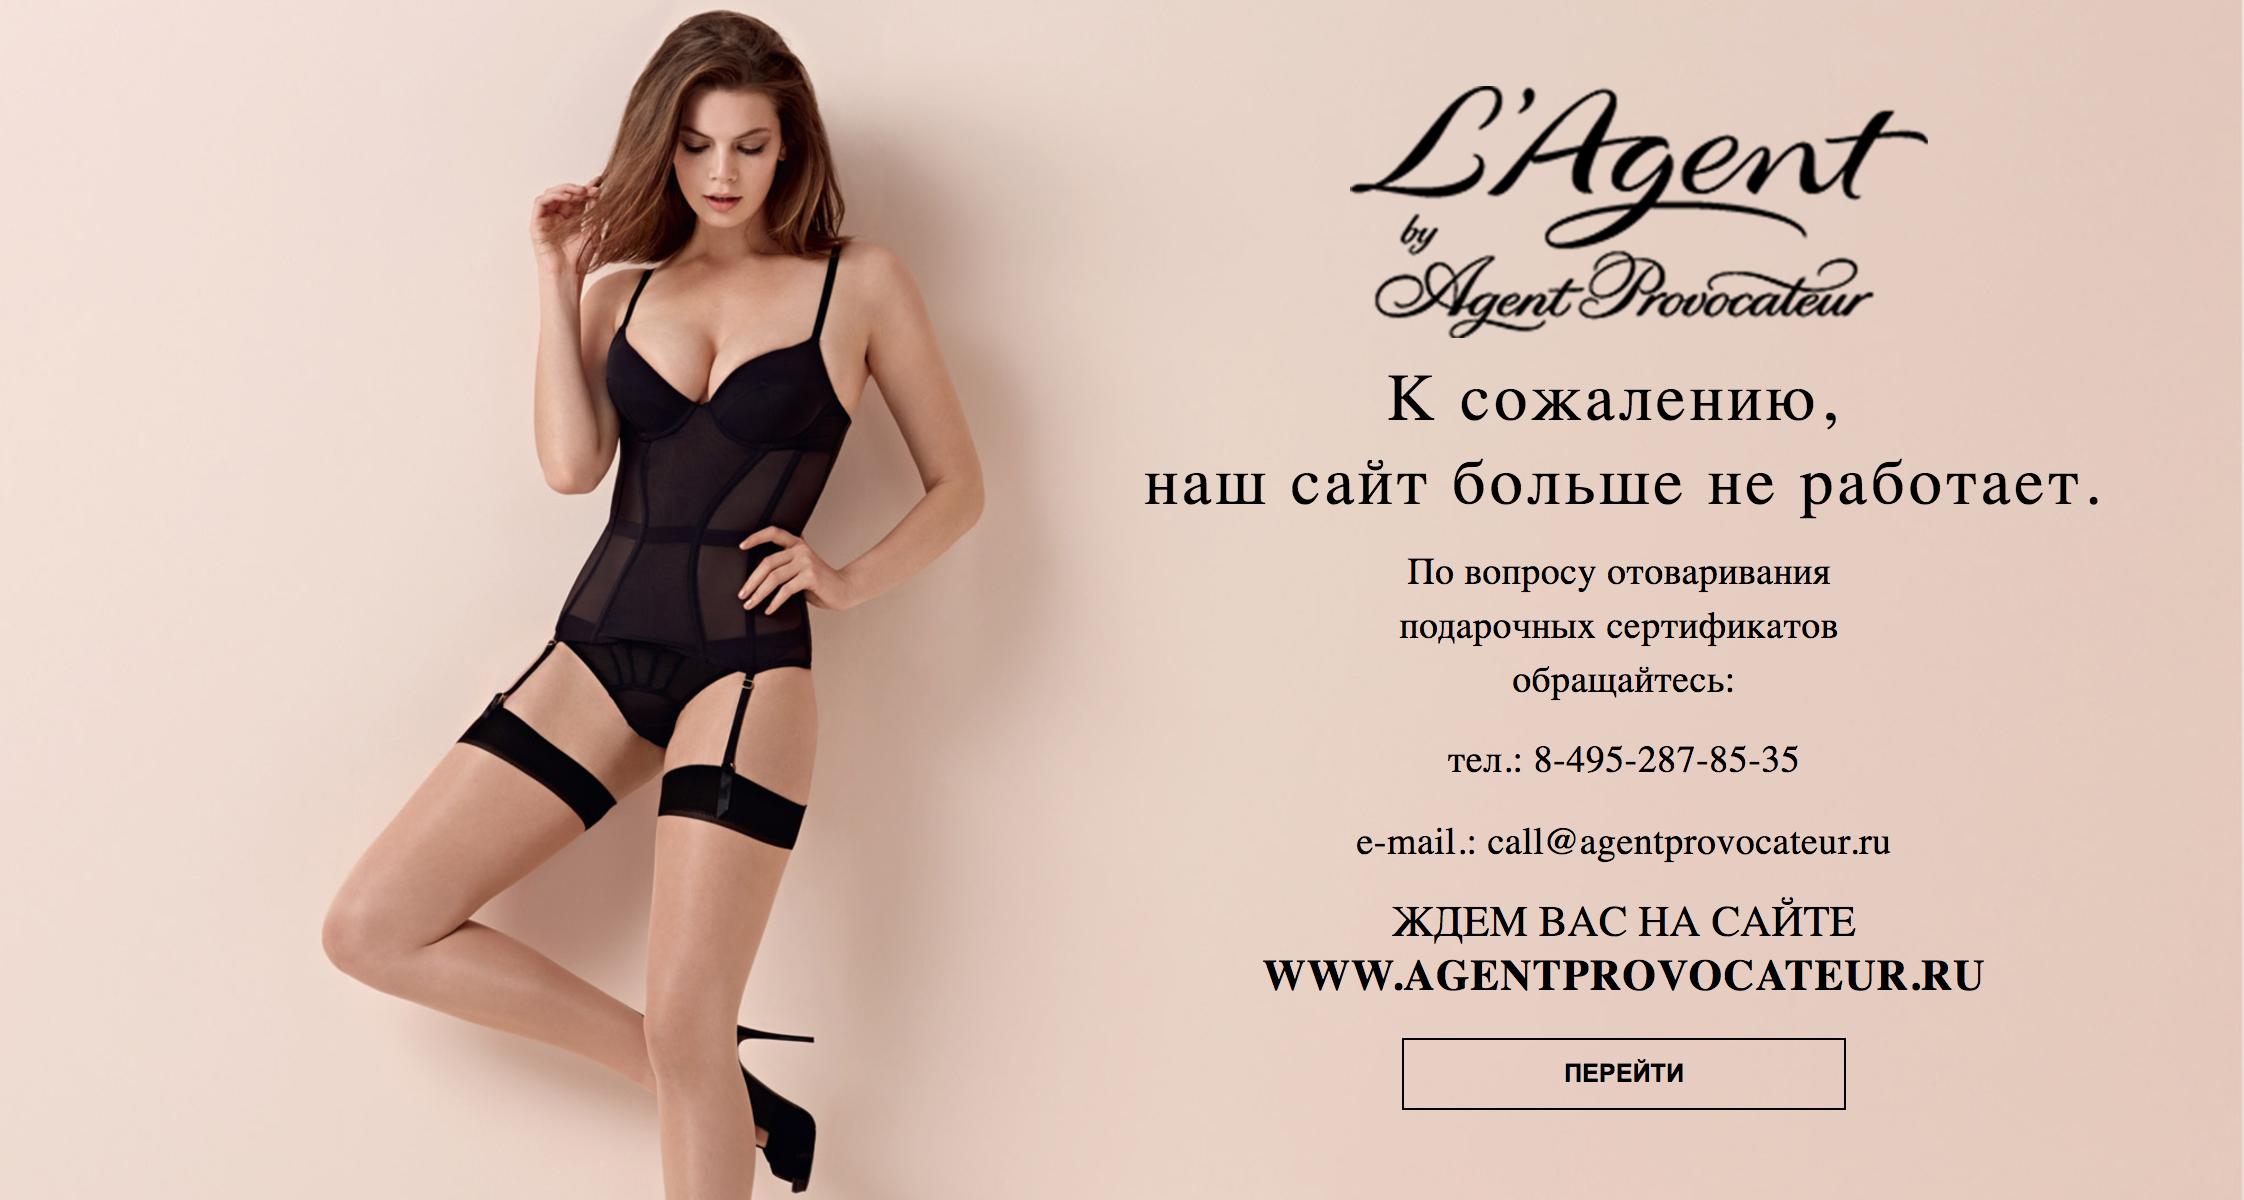 Запущенный для России весной 2016 года интернет-магазин британского бренда нижнего белья L'Agent by Agent Provocateur, на днях прекратил свою работу.